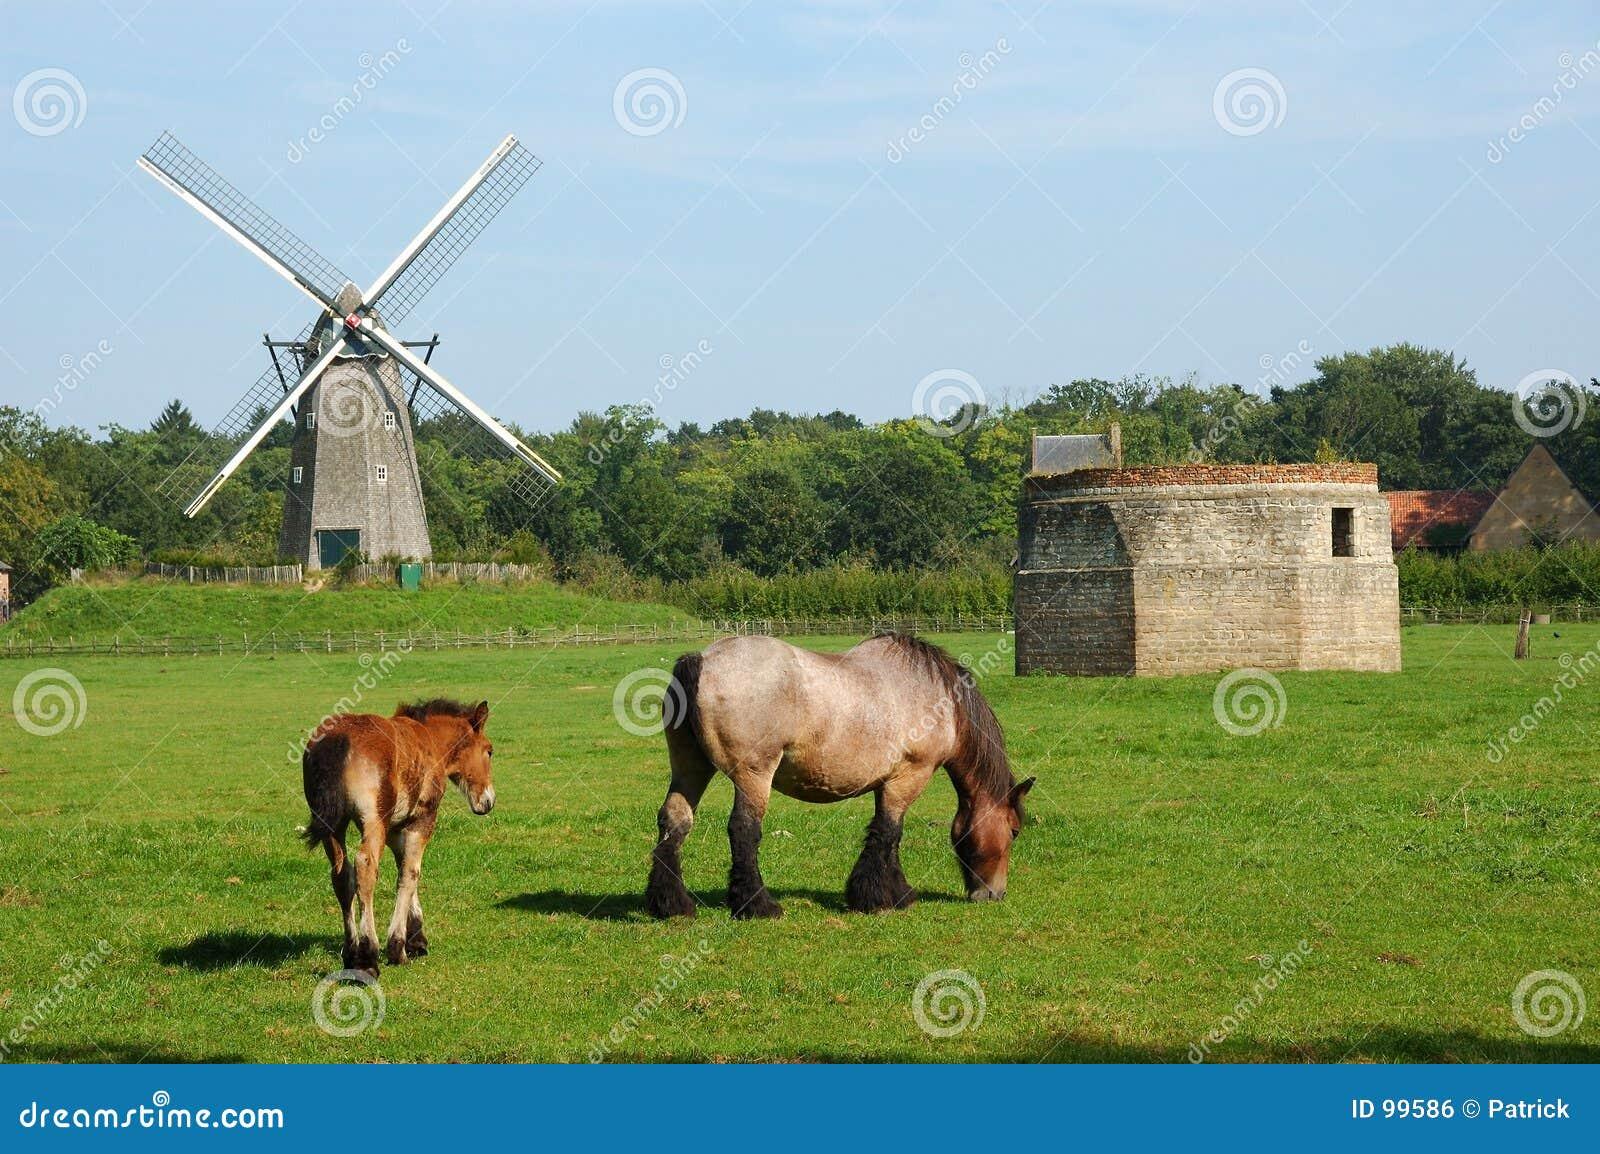 Paisagem rural com moinho de vento e cavalos.